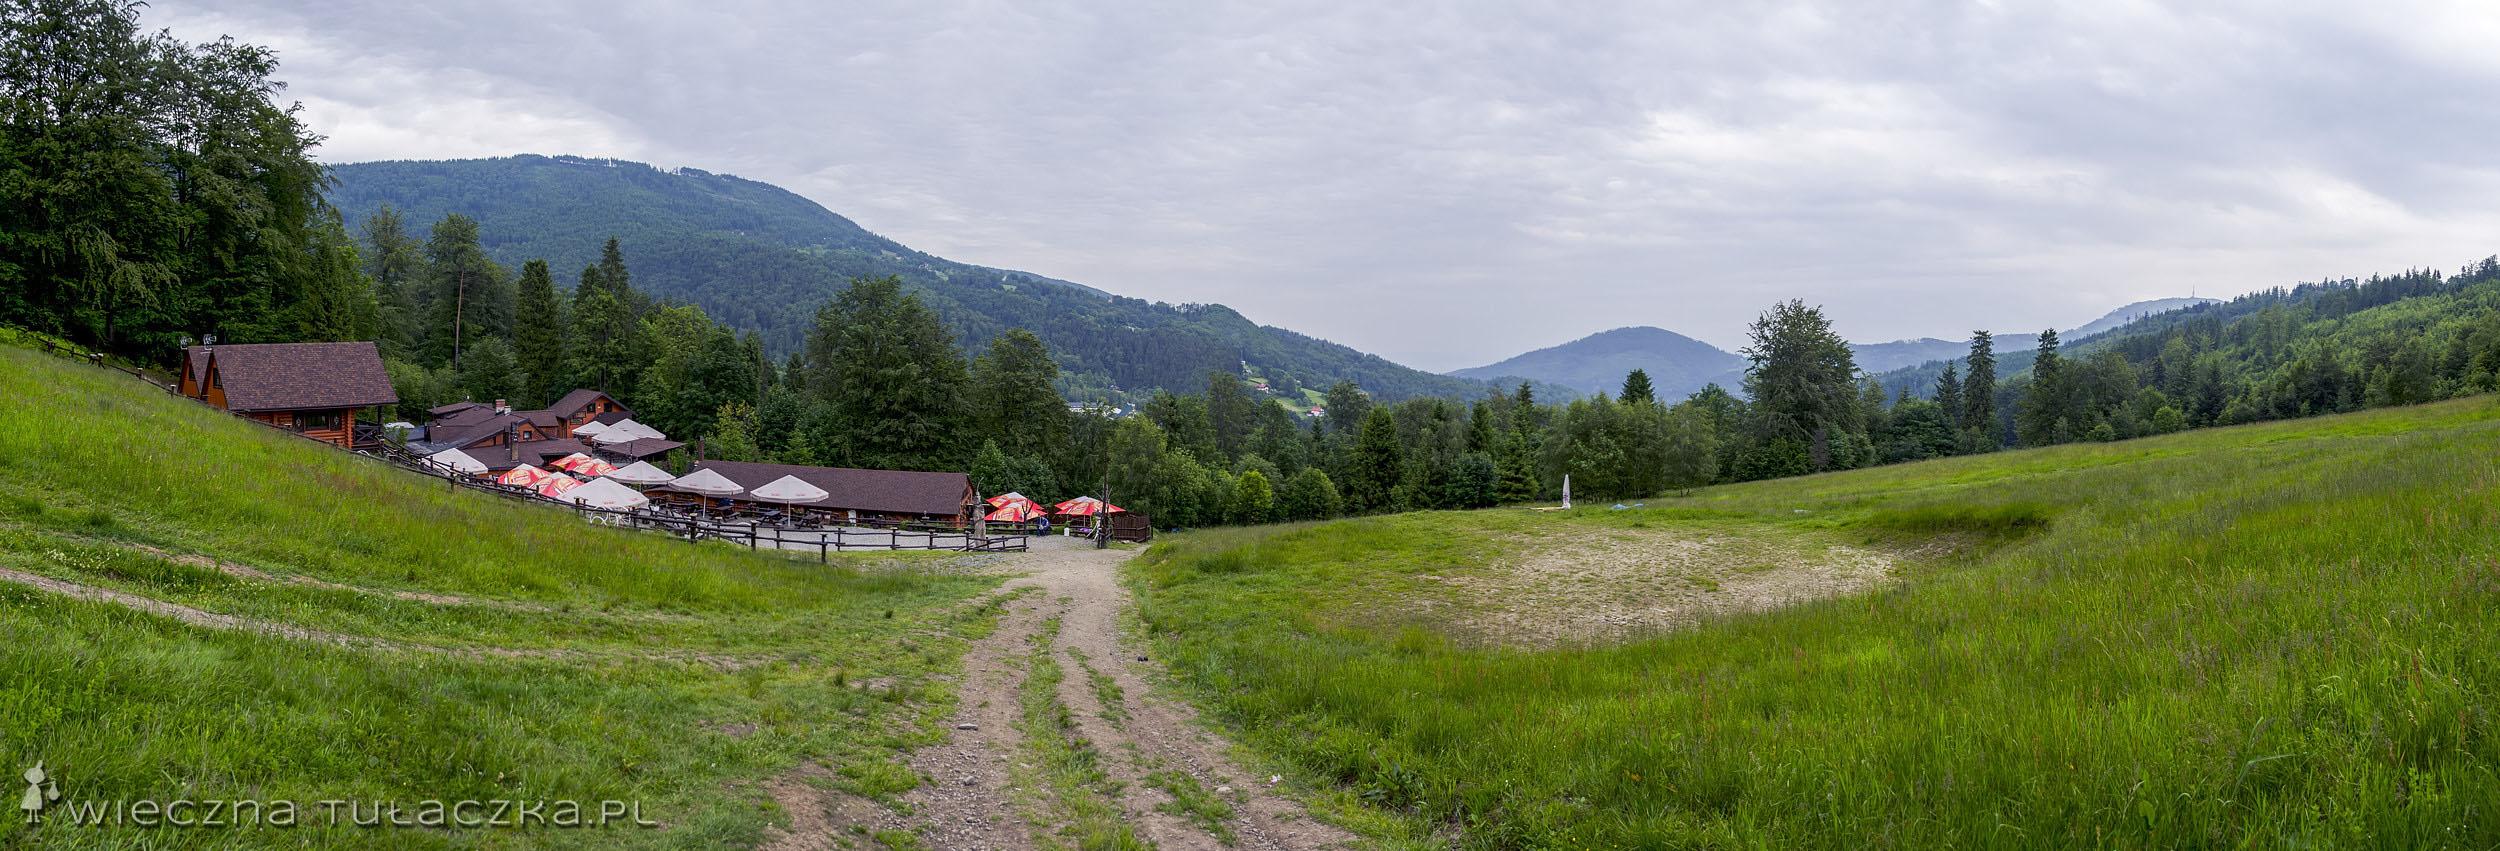 Przełęcz Karkoszczonka